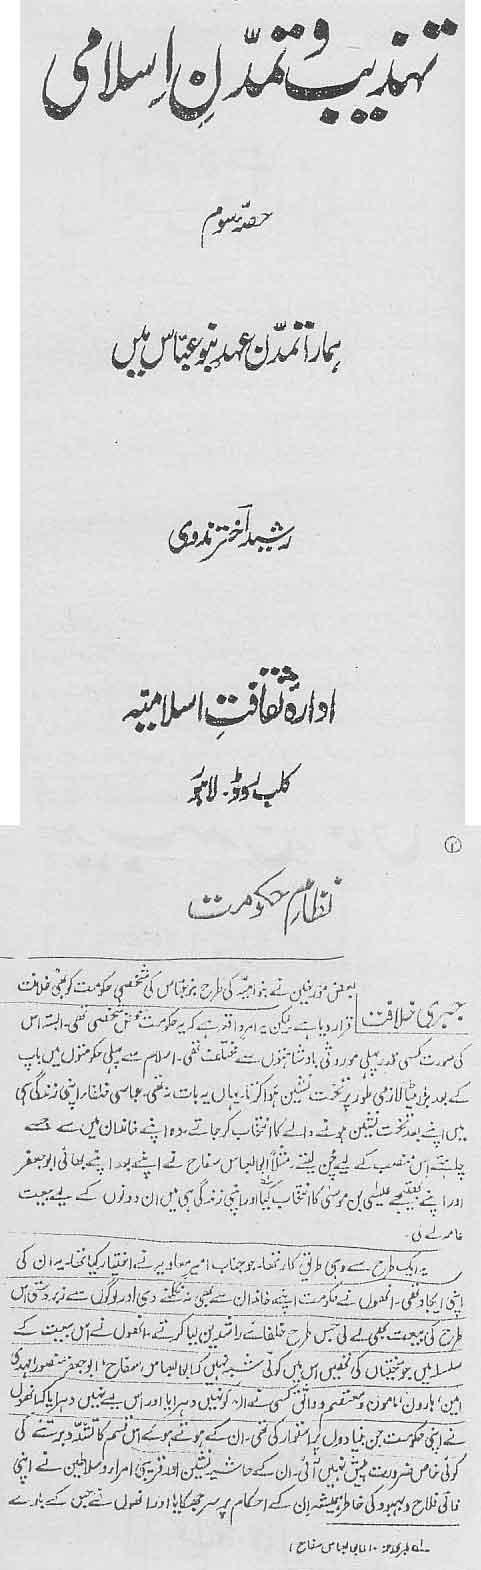 tahzeeb_tamadhun_e_islami